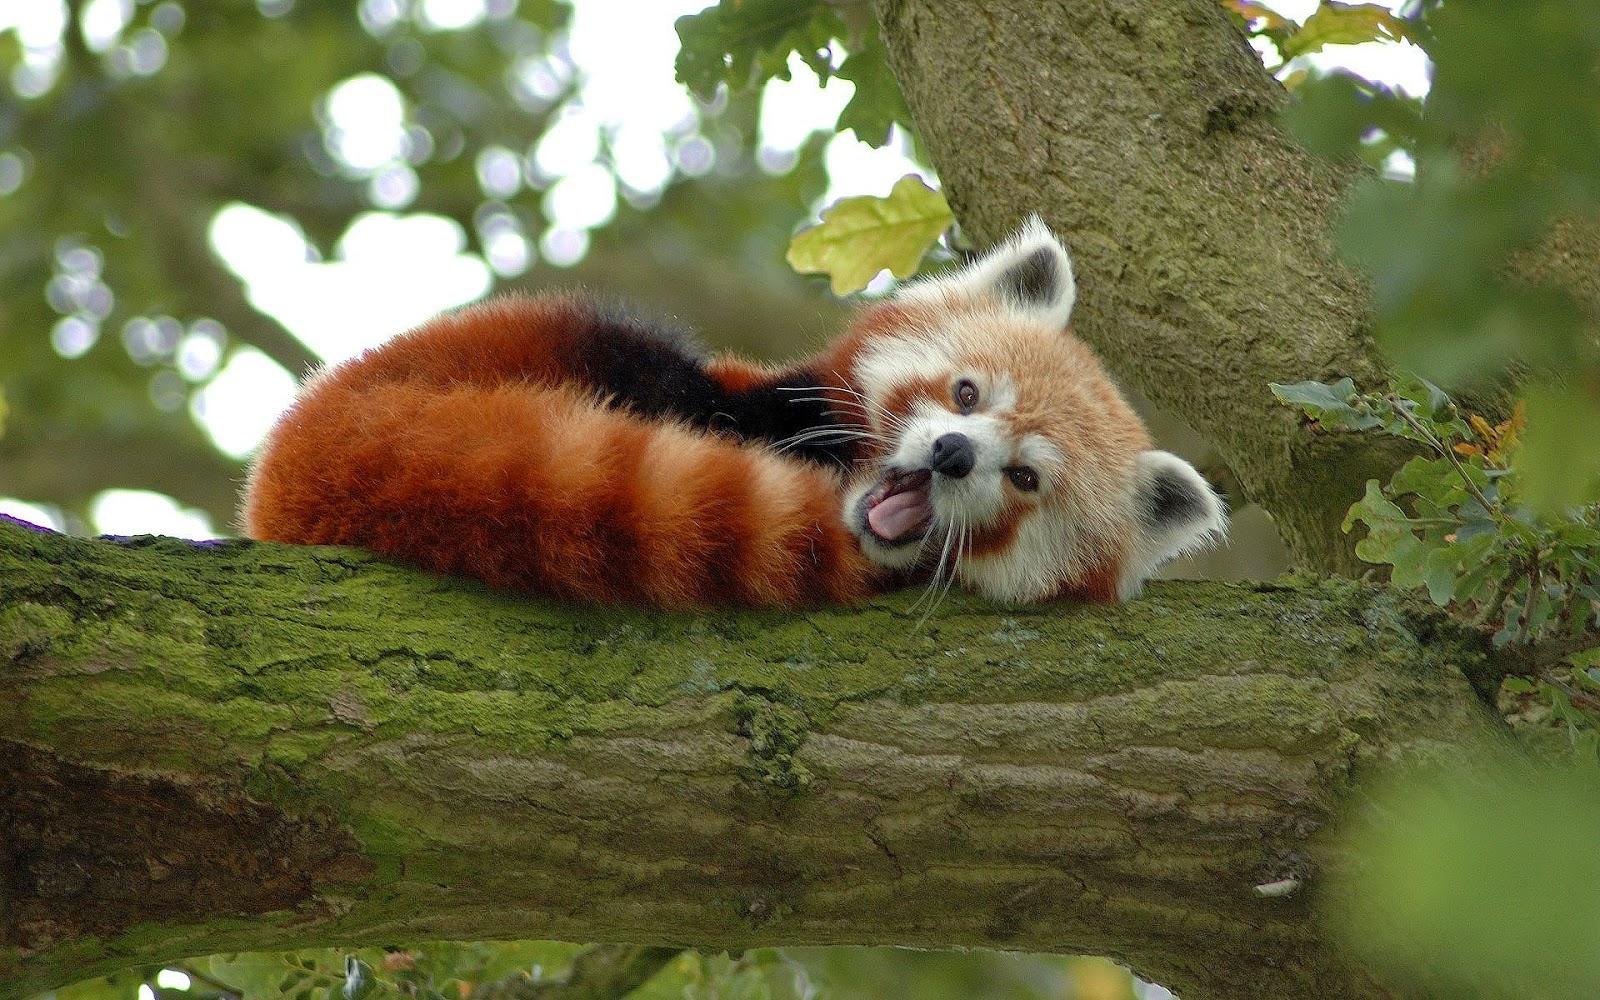 [37+] Red Panda Wallpaper HD on WallpaperSafari